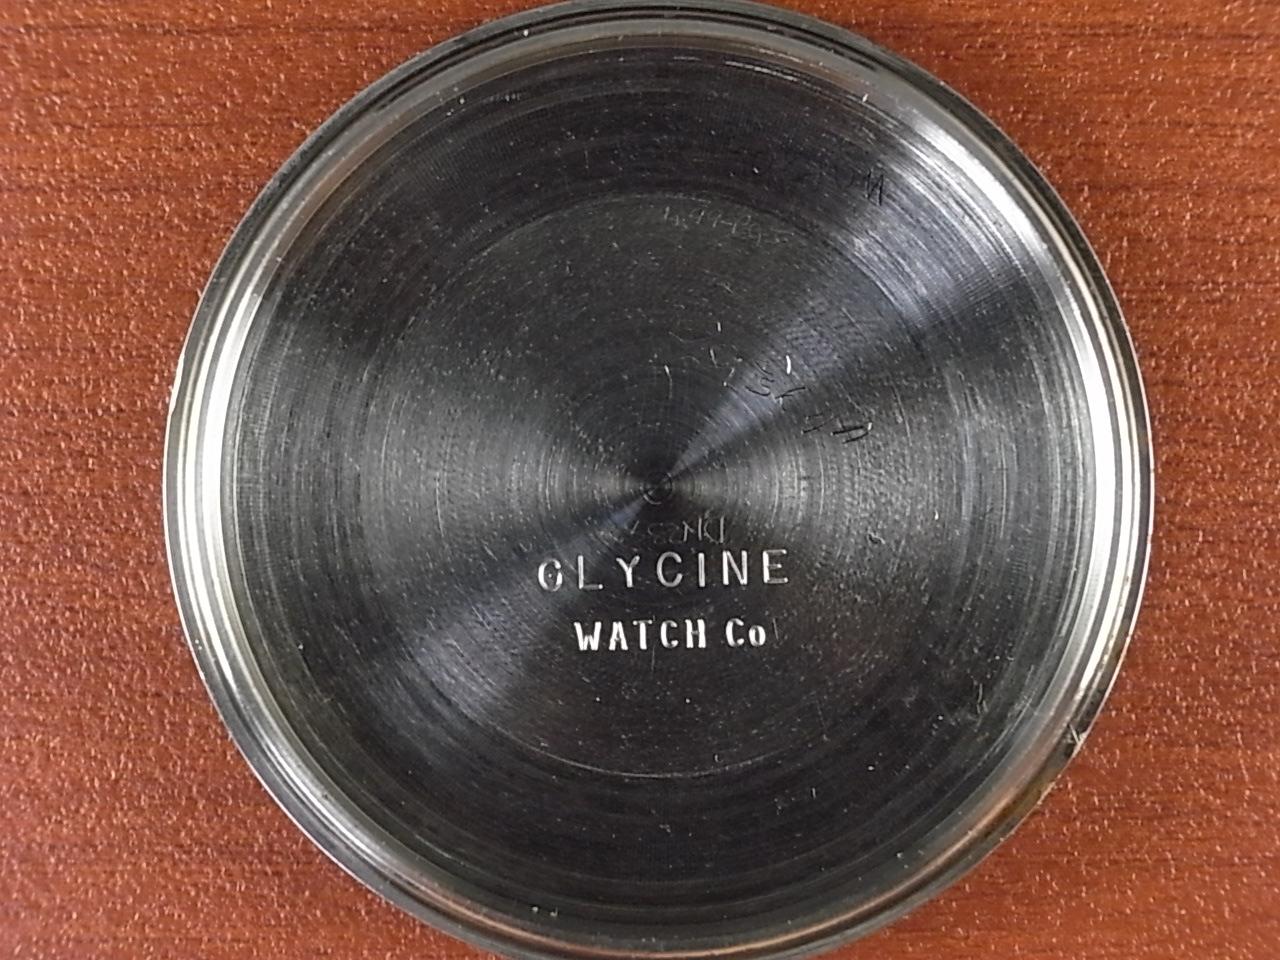 ロータリー エアマン byグリシン パイロットウォッチ BOX・ベルト付き 1960年代の写真6枚目